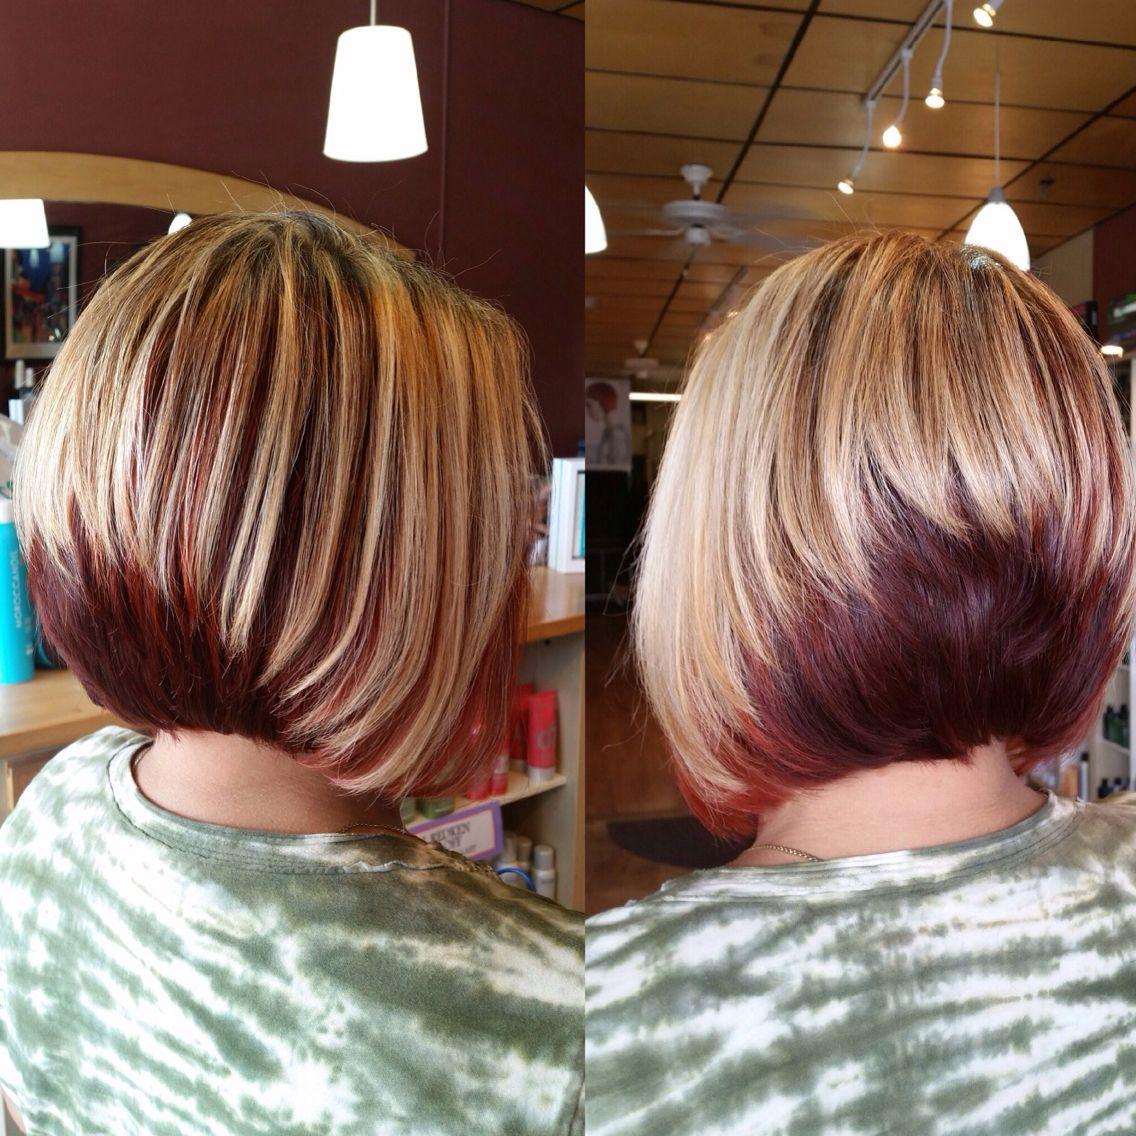 Two tone stack bob | Stacked bob haircut, Bobs haircuts, Bob hairstyles